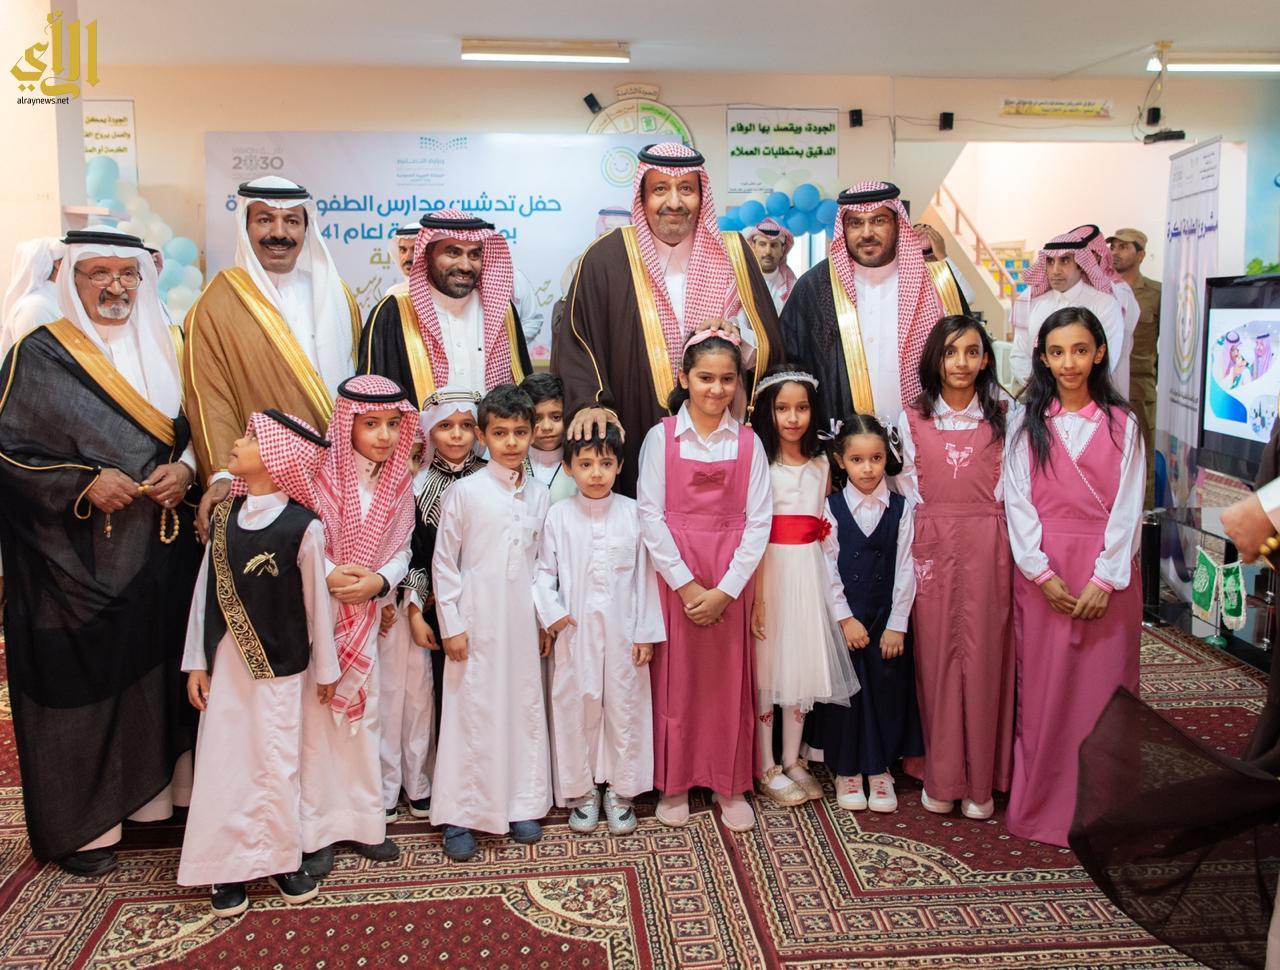 أمير الباحة يدشن مدارس الطفولة المبكرة على مستوى المنطقة صحيفة الرأي الإلكترونية